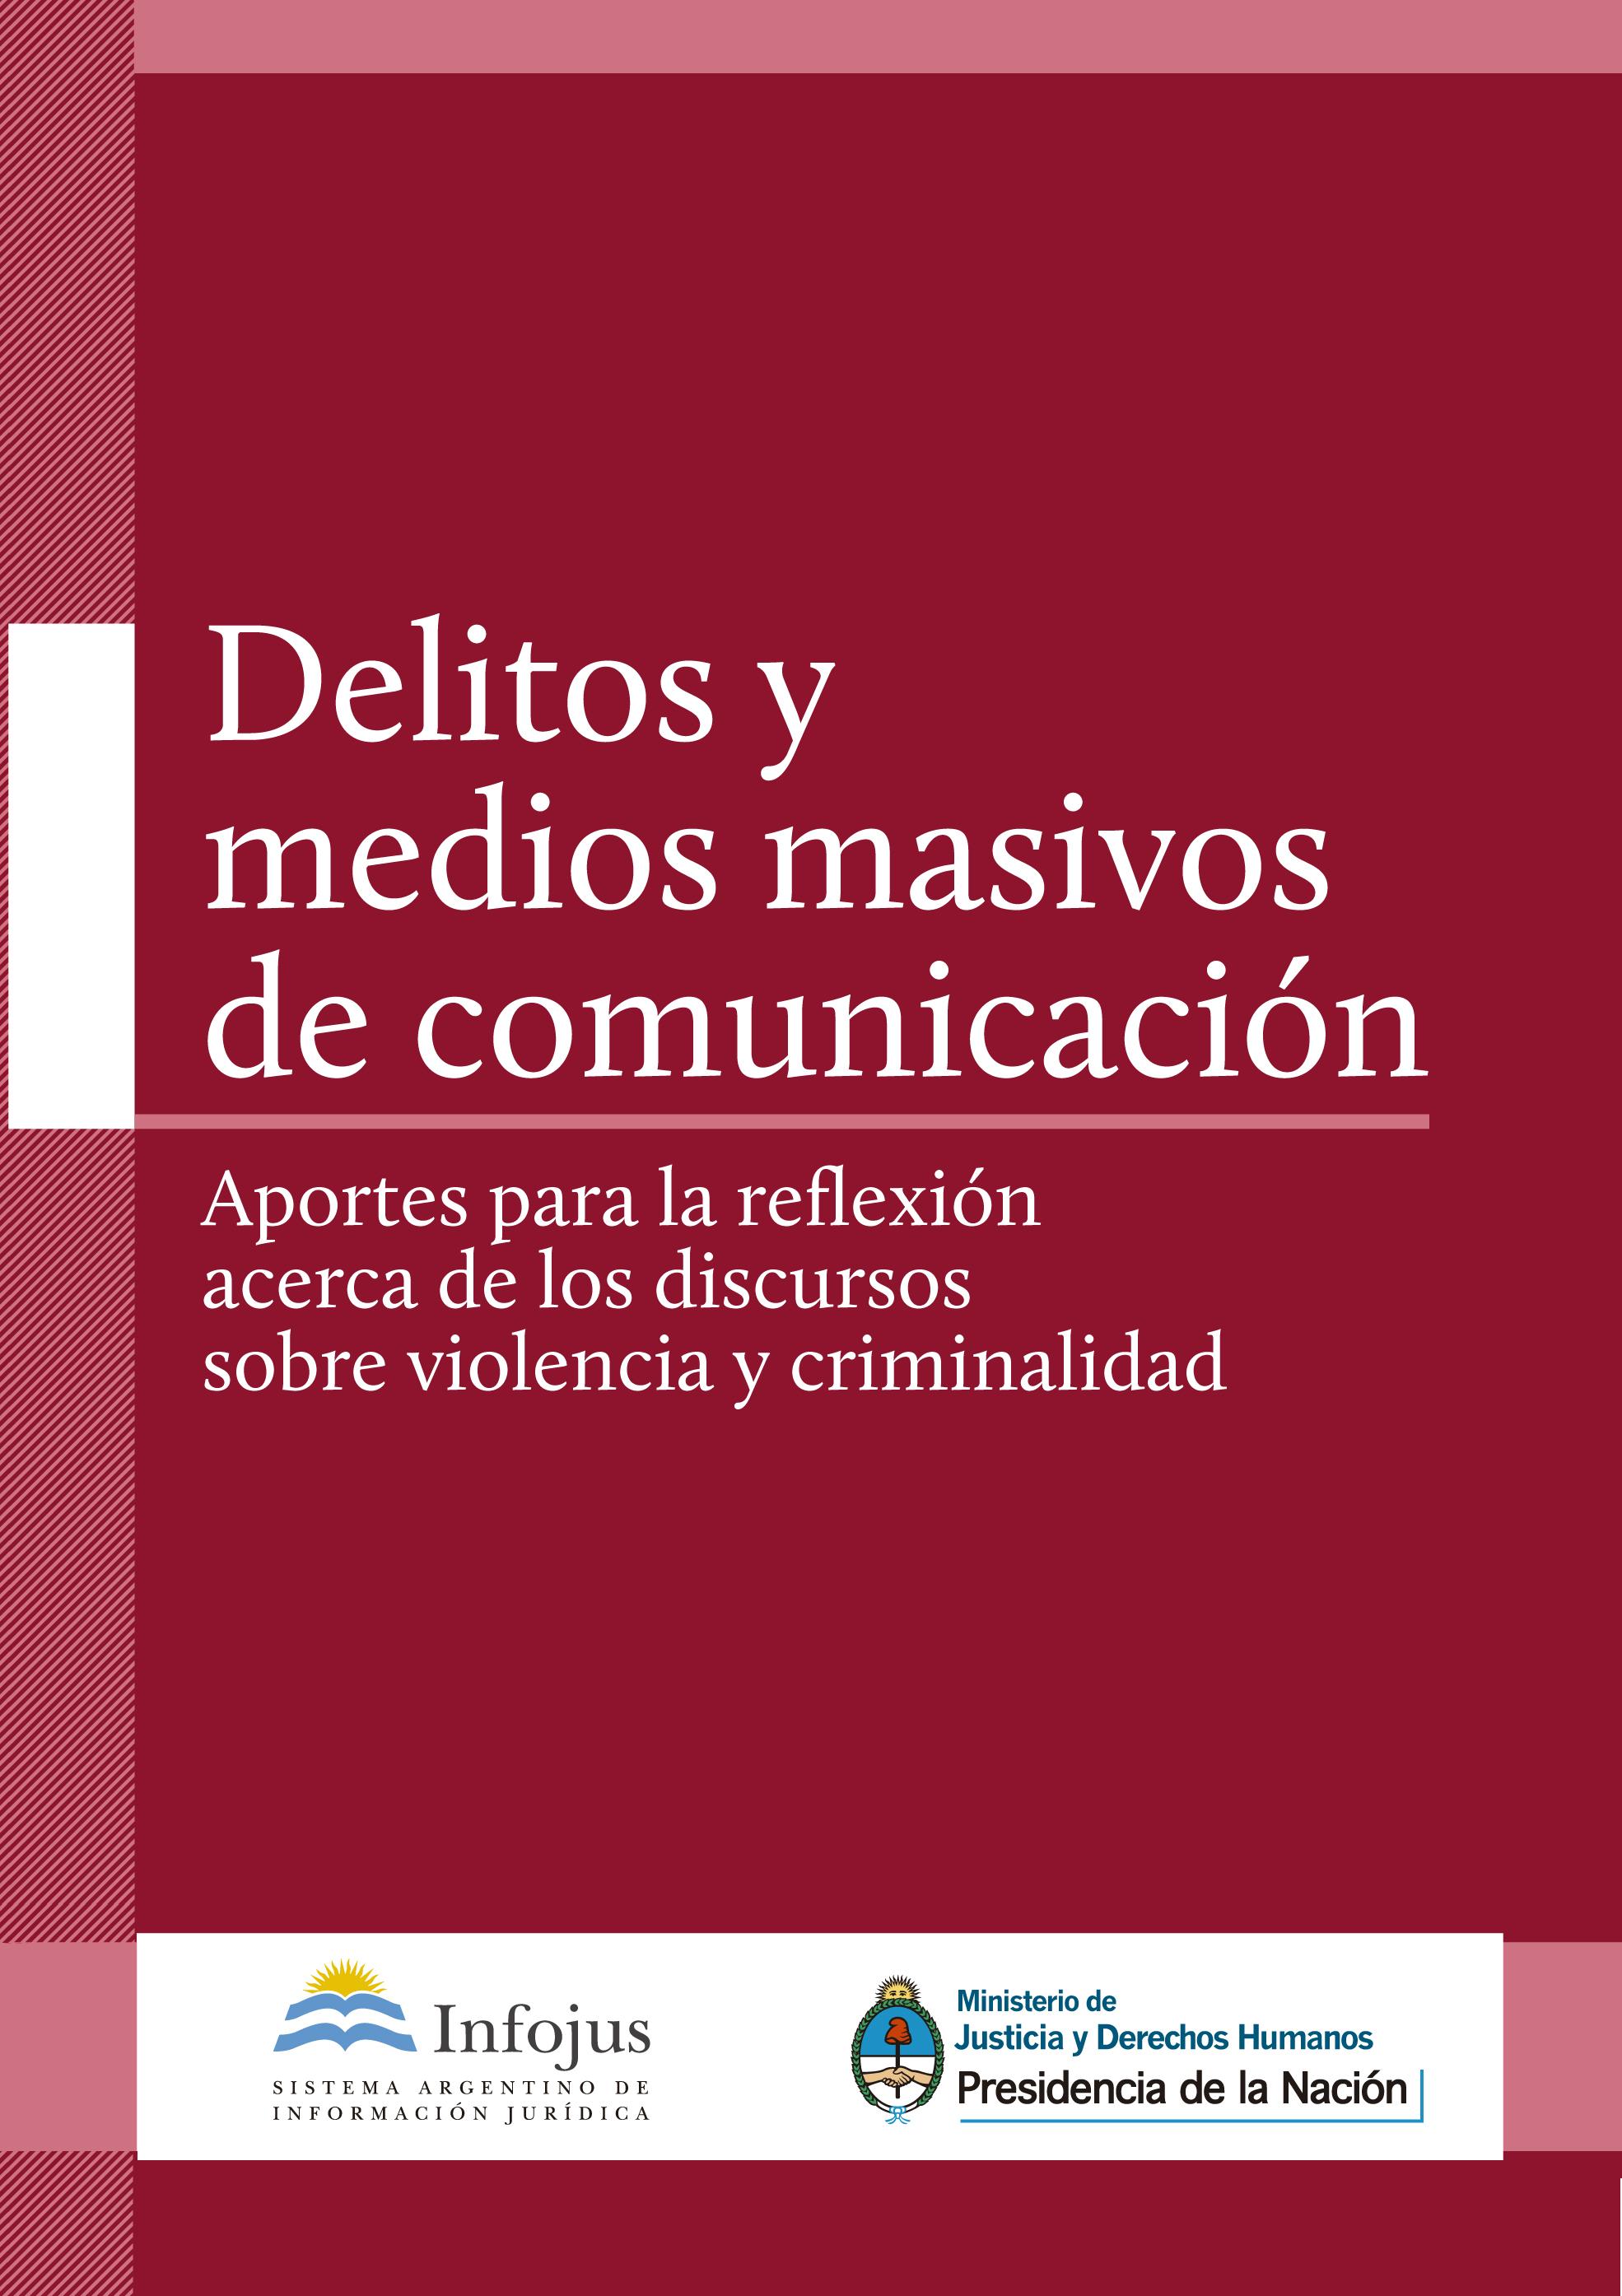 http://www.saij.gob.ar/docs-f/ediciones/libros/Delitos_medios_masivos_comunicacion.pdf